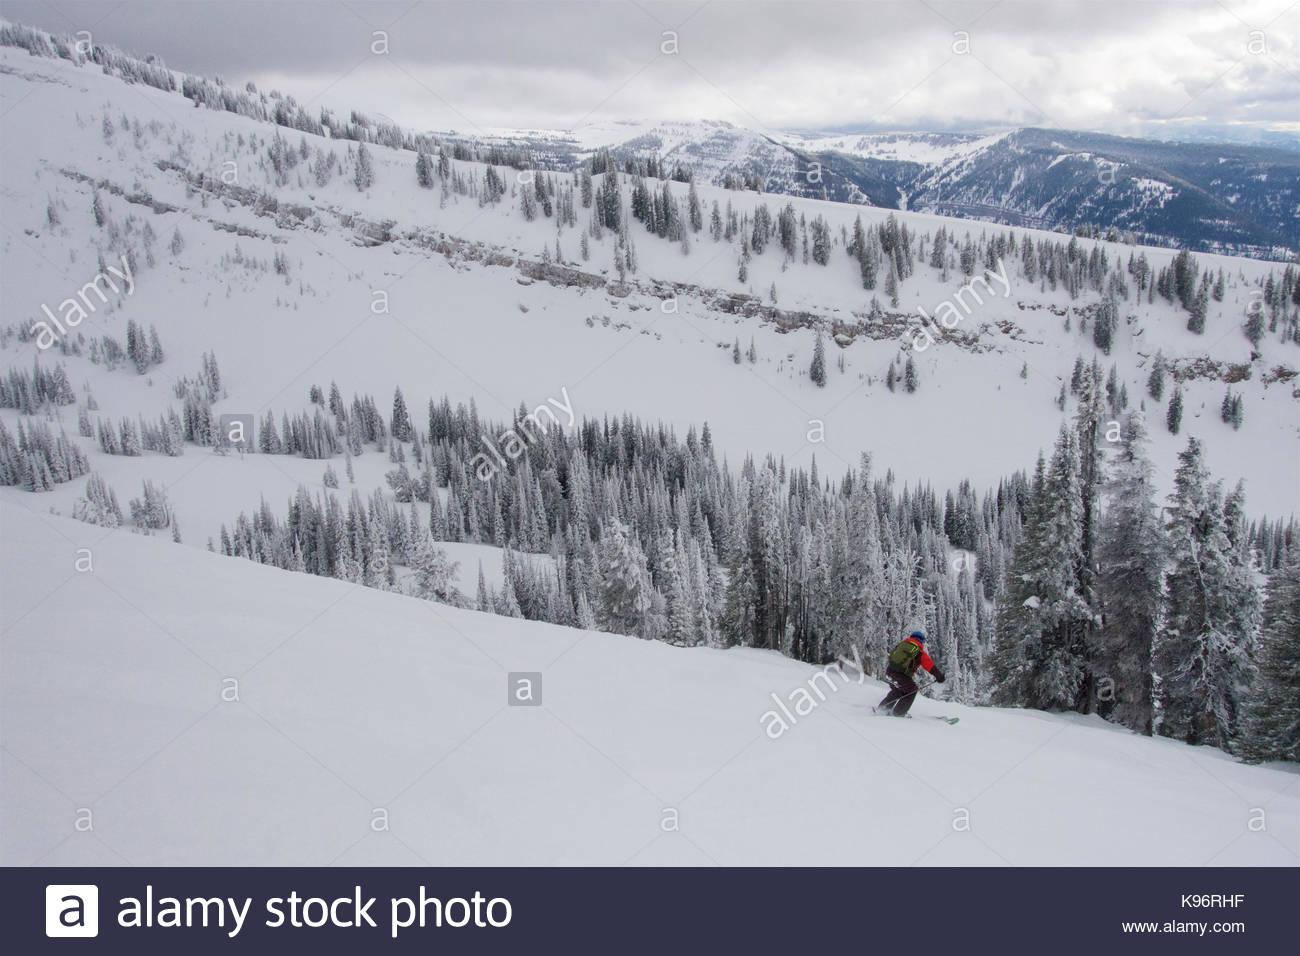 Un jeune garçon le ski alpin près de rime couverts d'arbres dans les montagnes sur un jour nuageux. Photo Stock